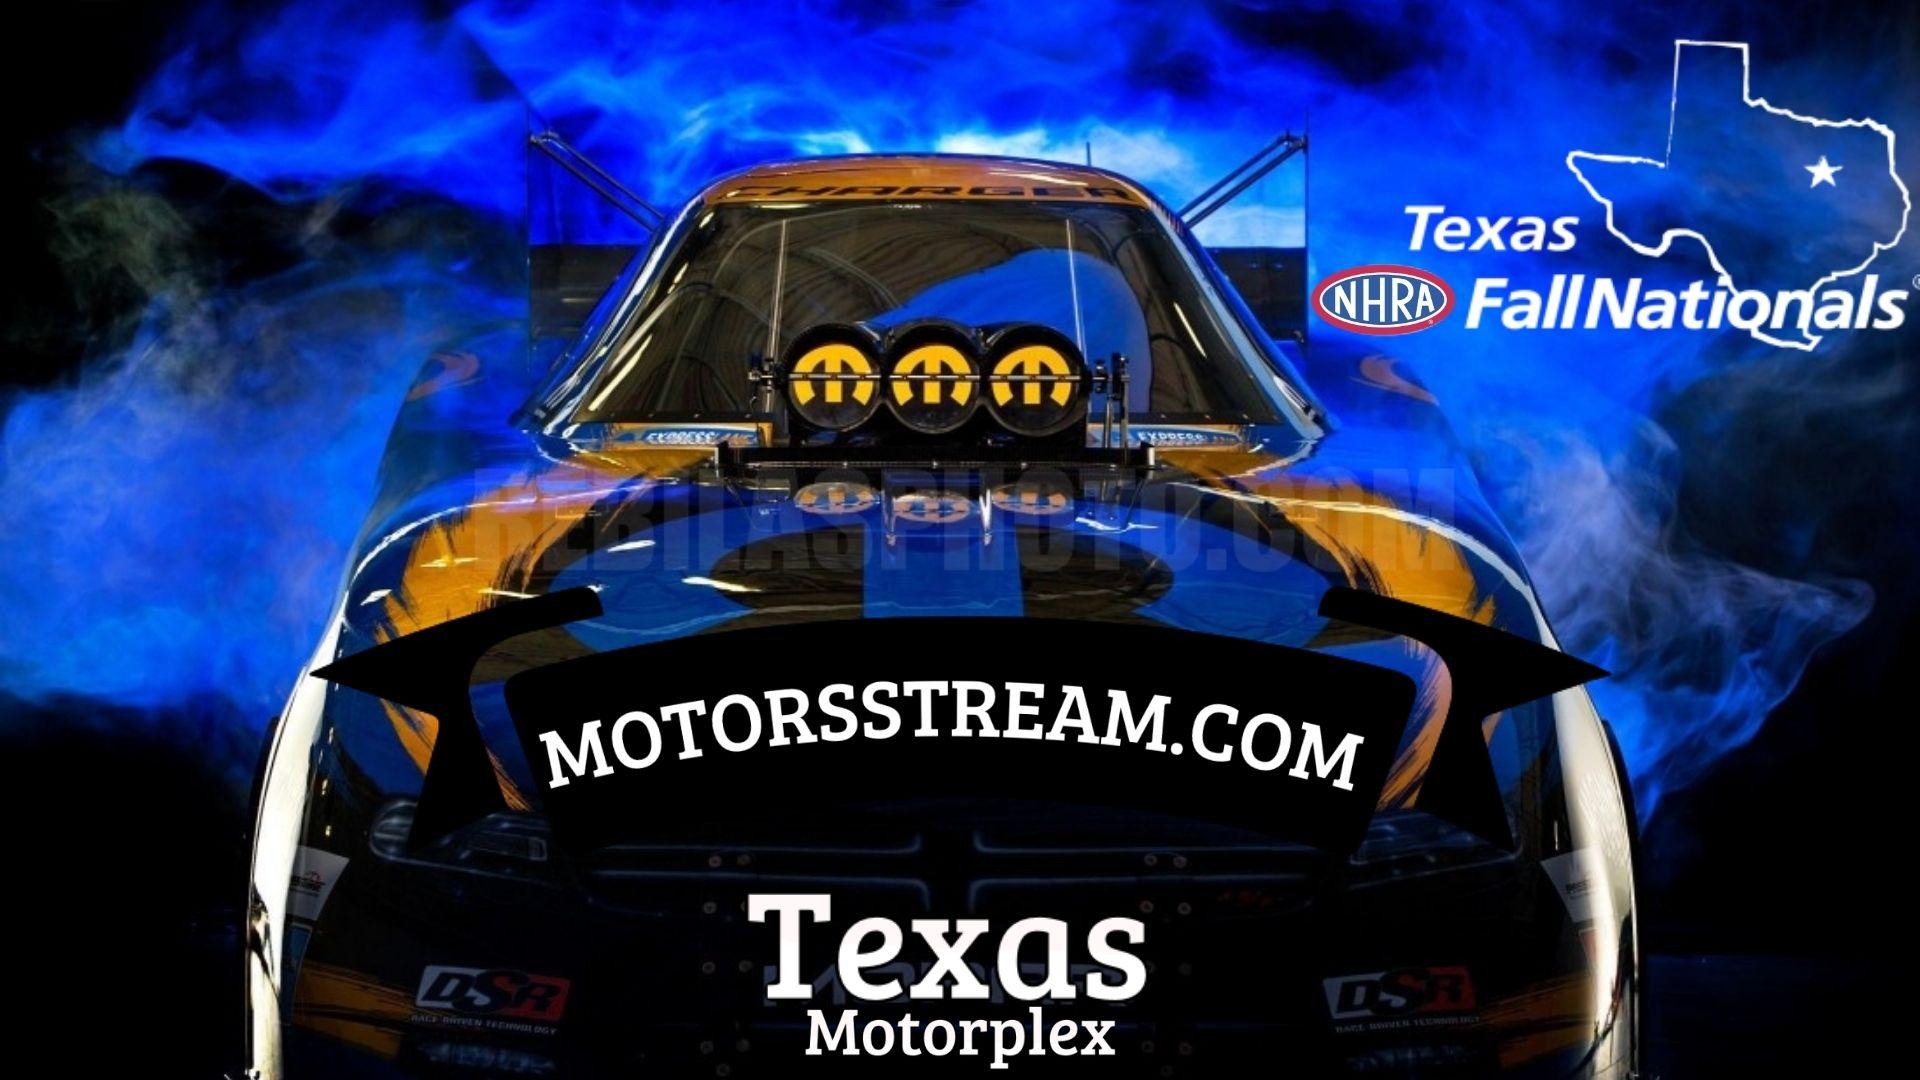 Texas NHRA FallNationals 2021 Live Stream